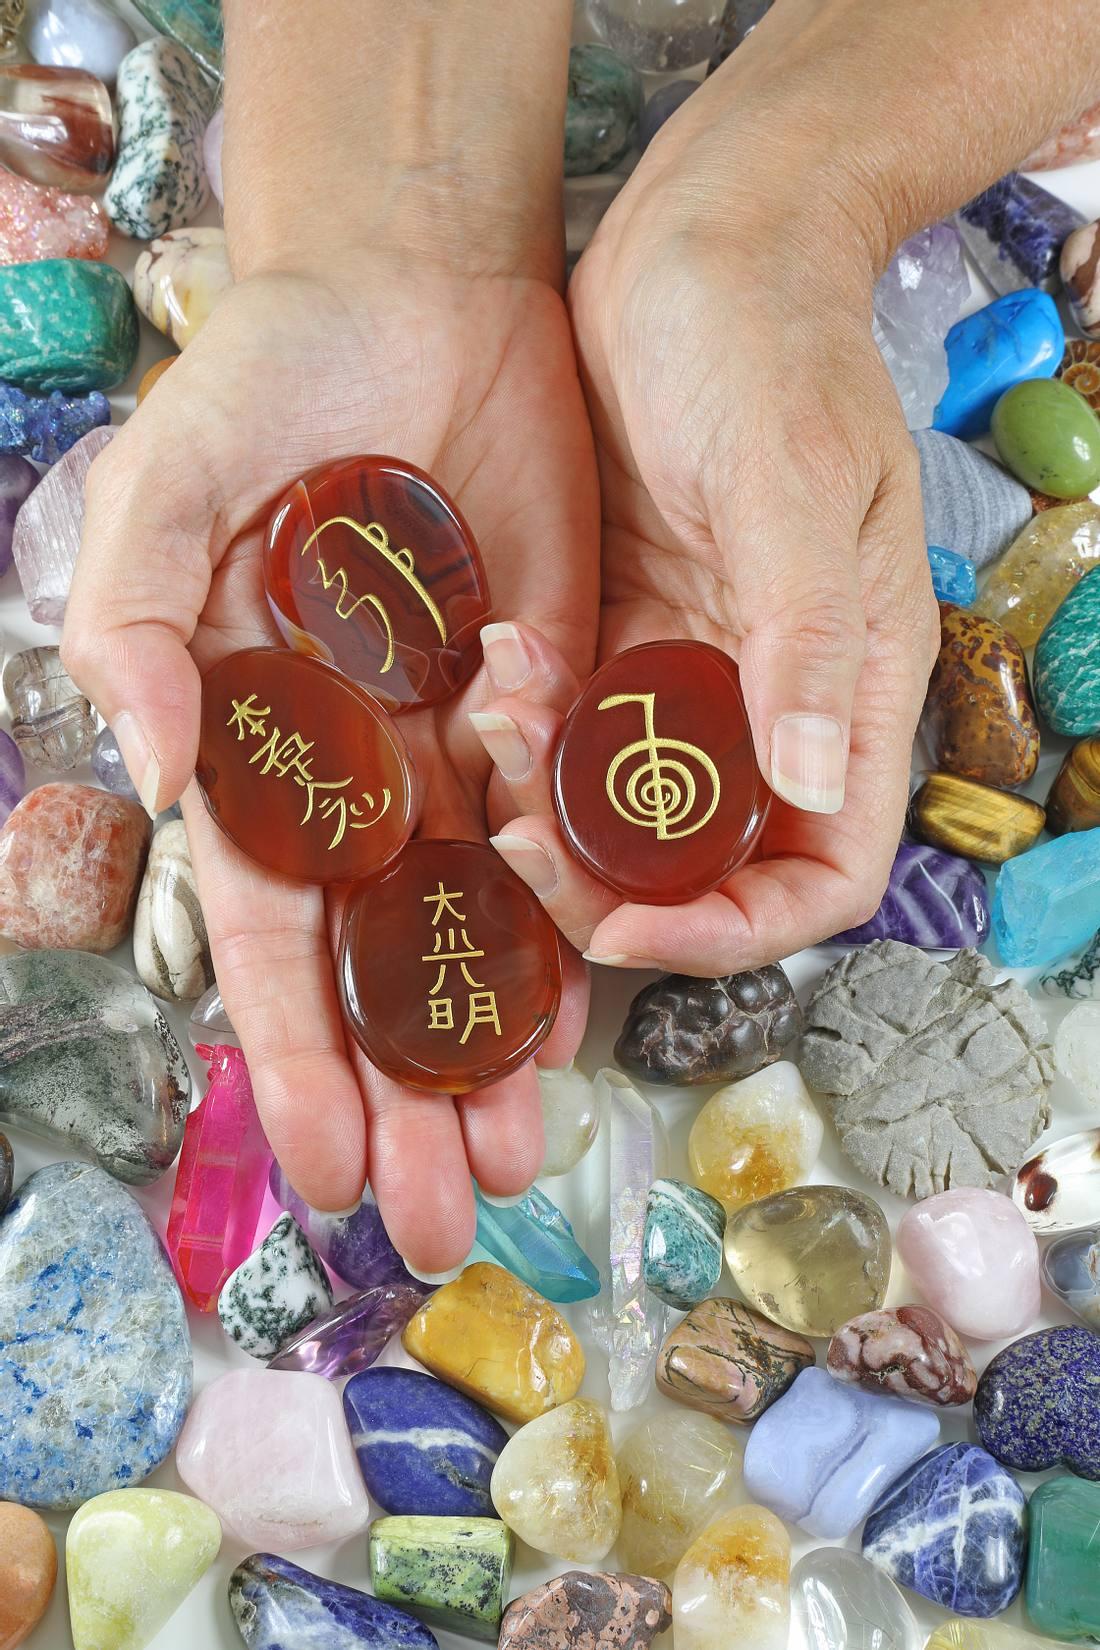 Die vier Reiki-Symbole